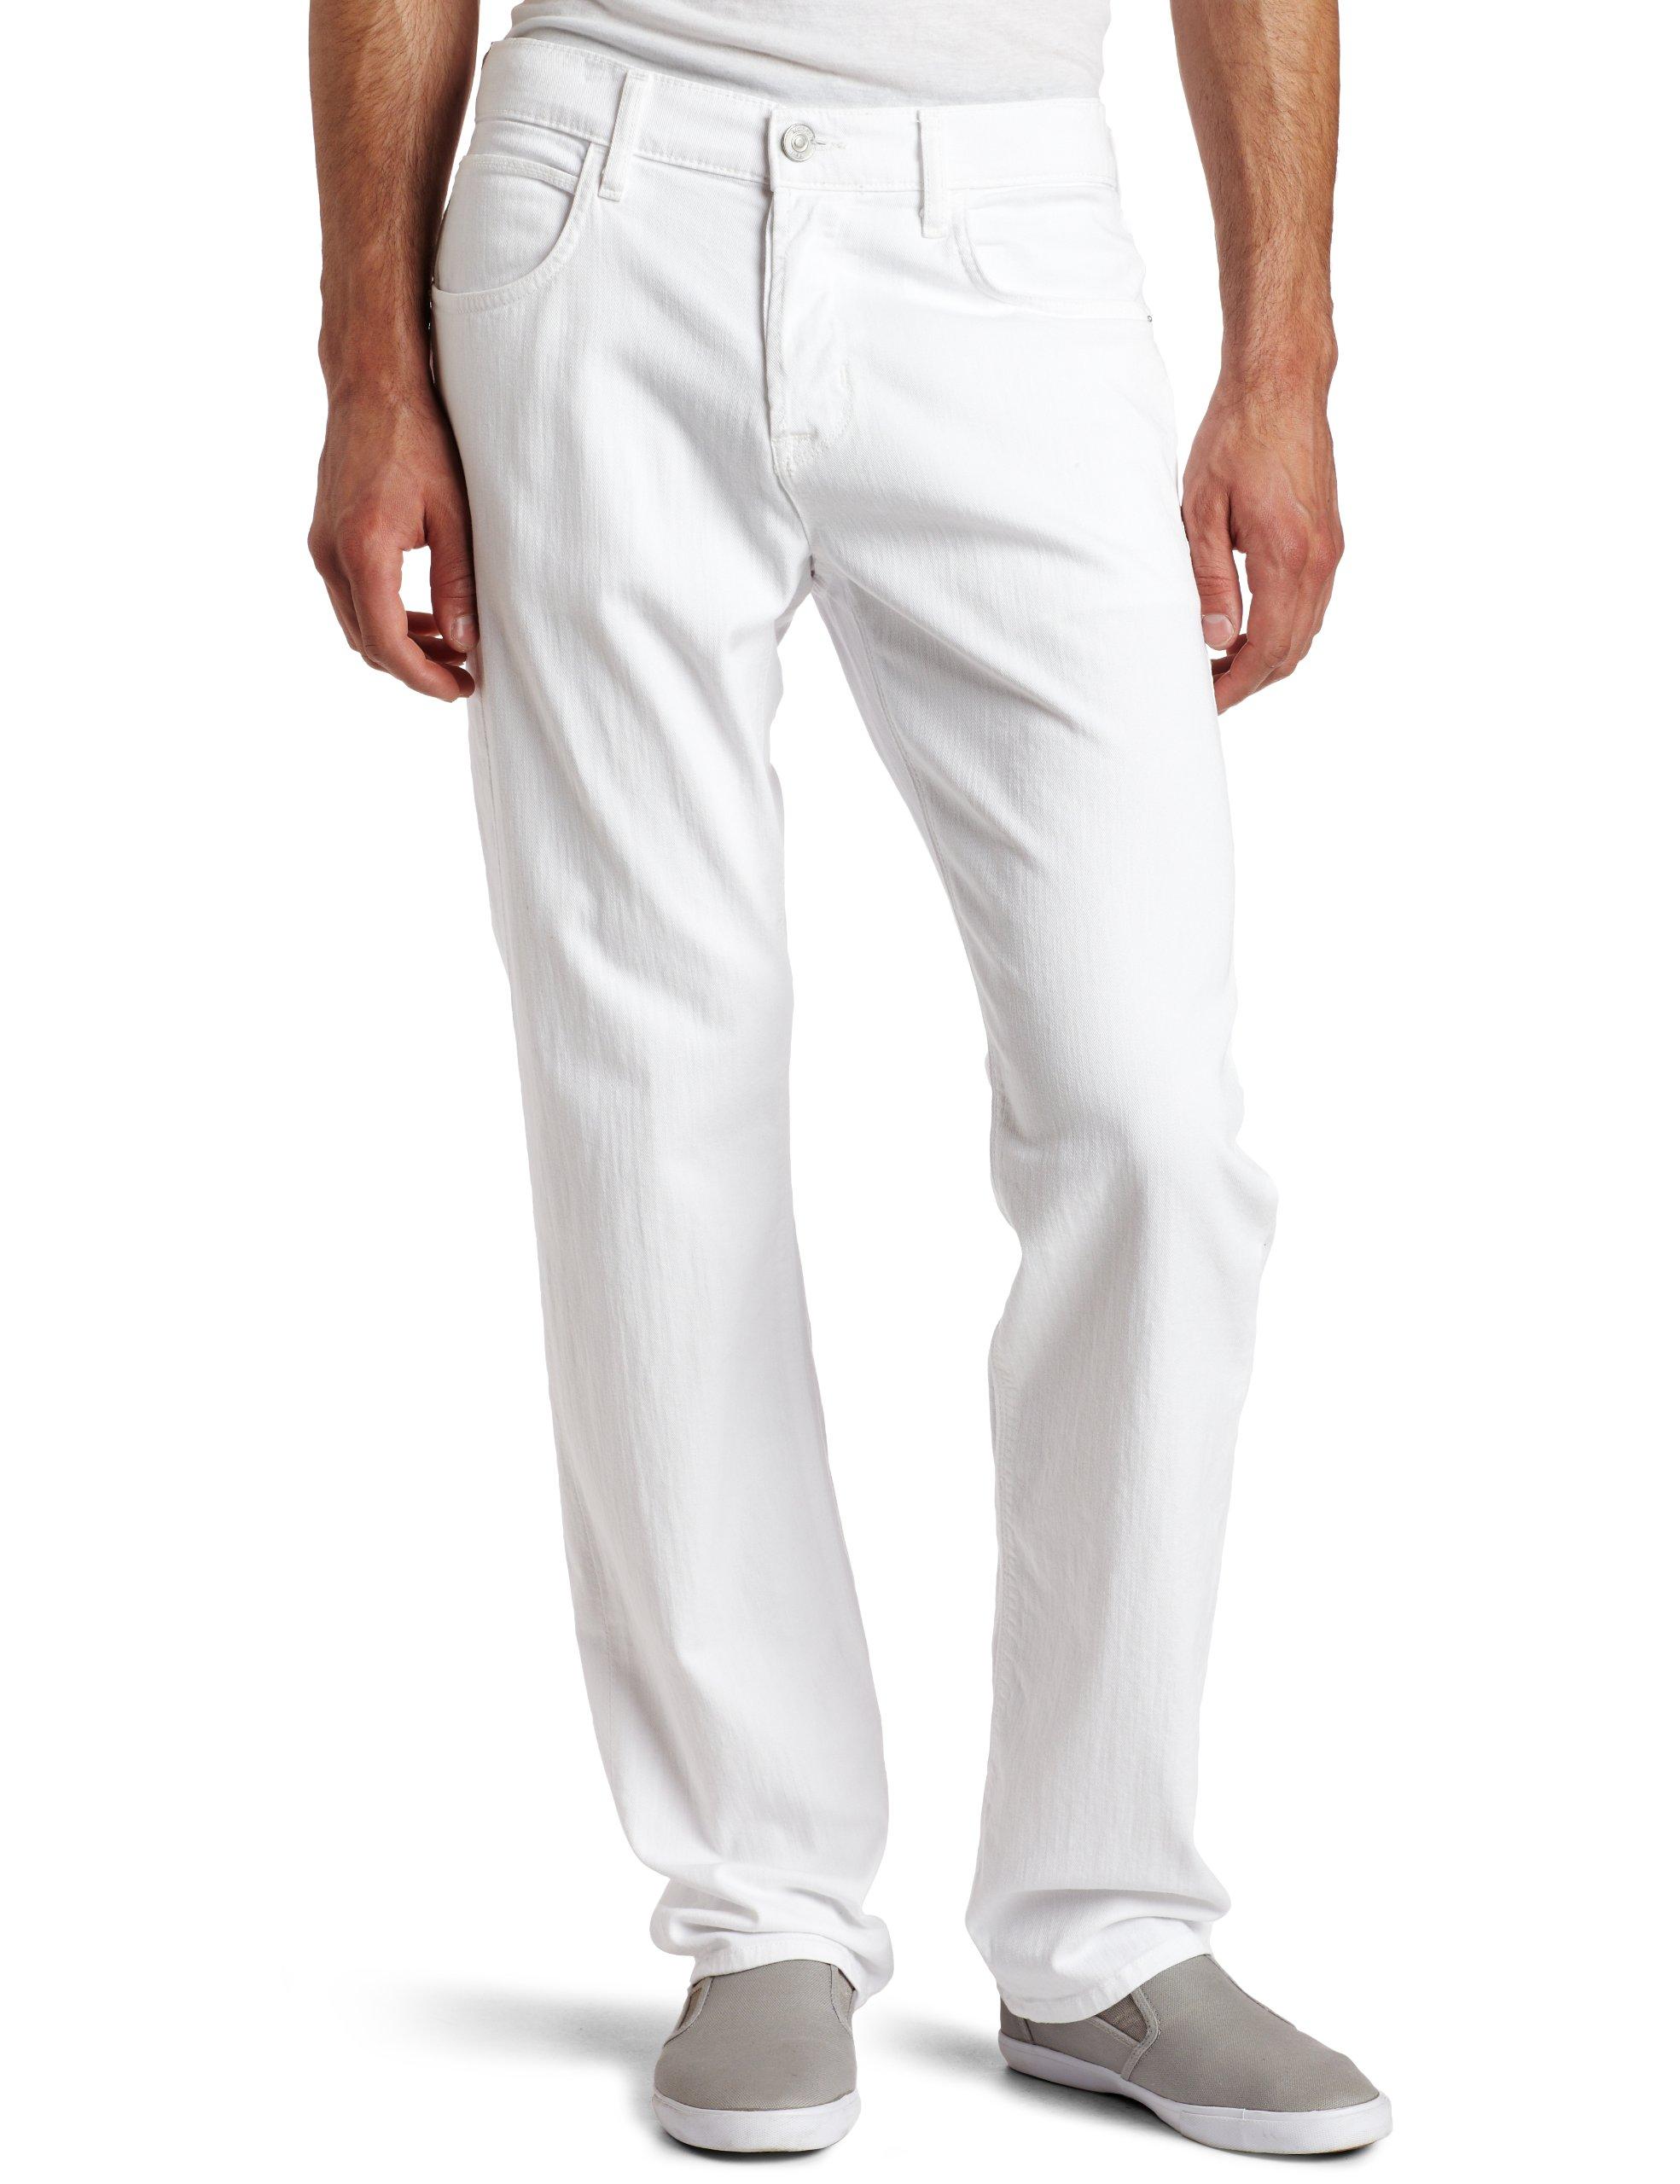 Hudson Jeans Men's Byron Straight Leg Jean in White, White, 34